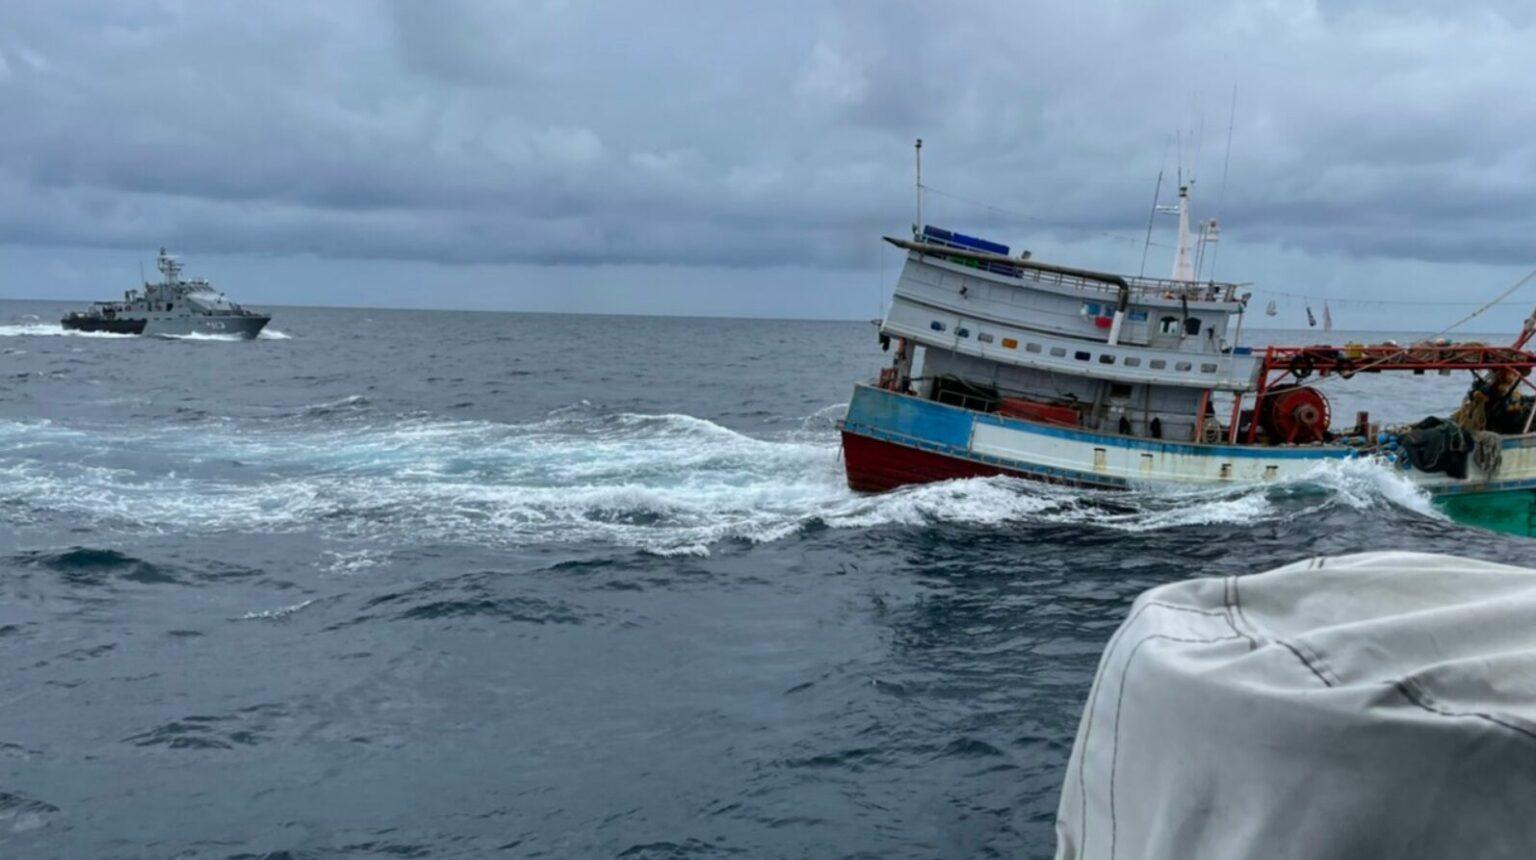 ทร.ระทึก! ไปจับเรือประมงเวียดนาม เจอพุ่งชน-แล่นหนี ตามไม่ทัน หนีออกน่านน้ำไทยไปได้